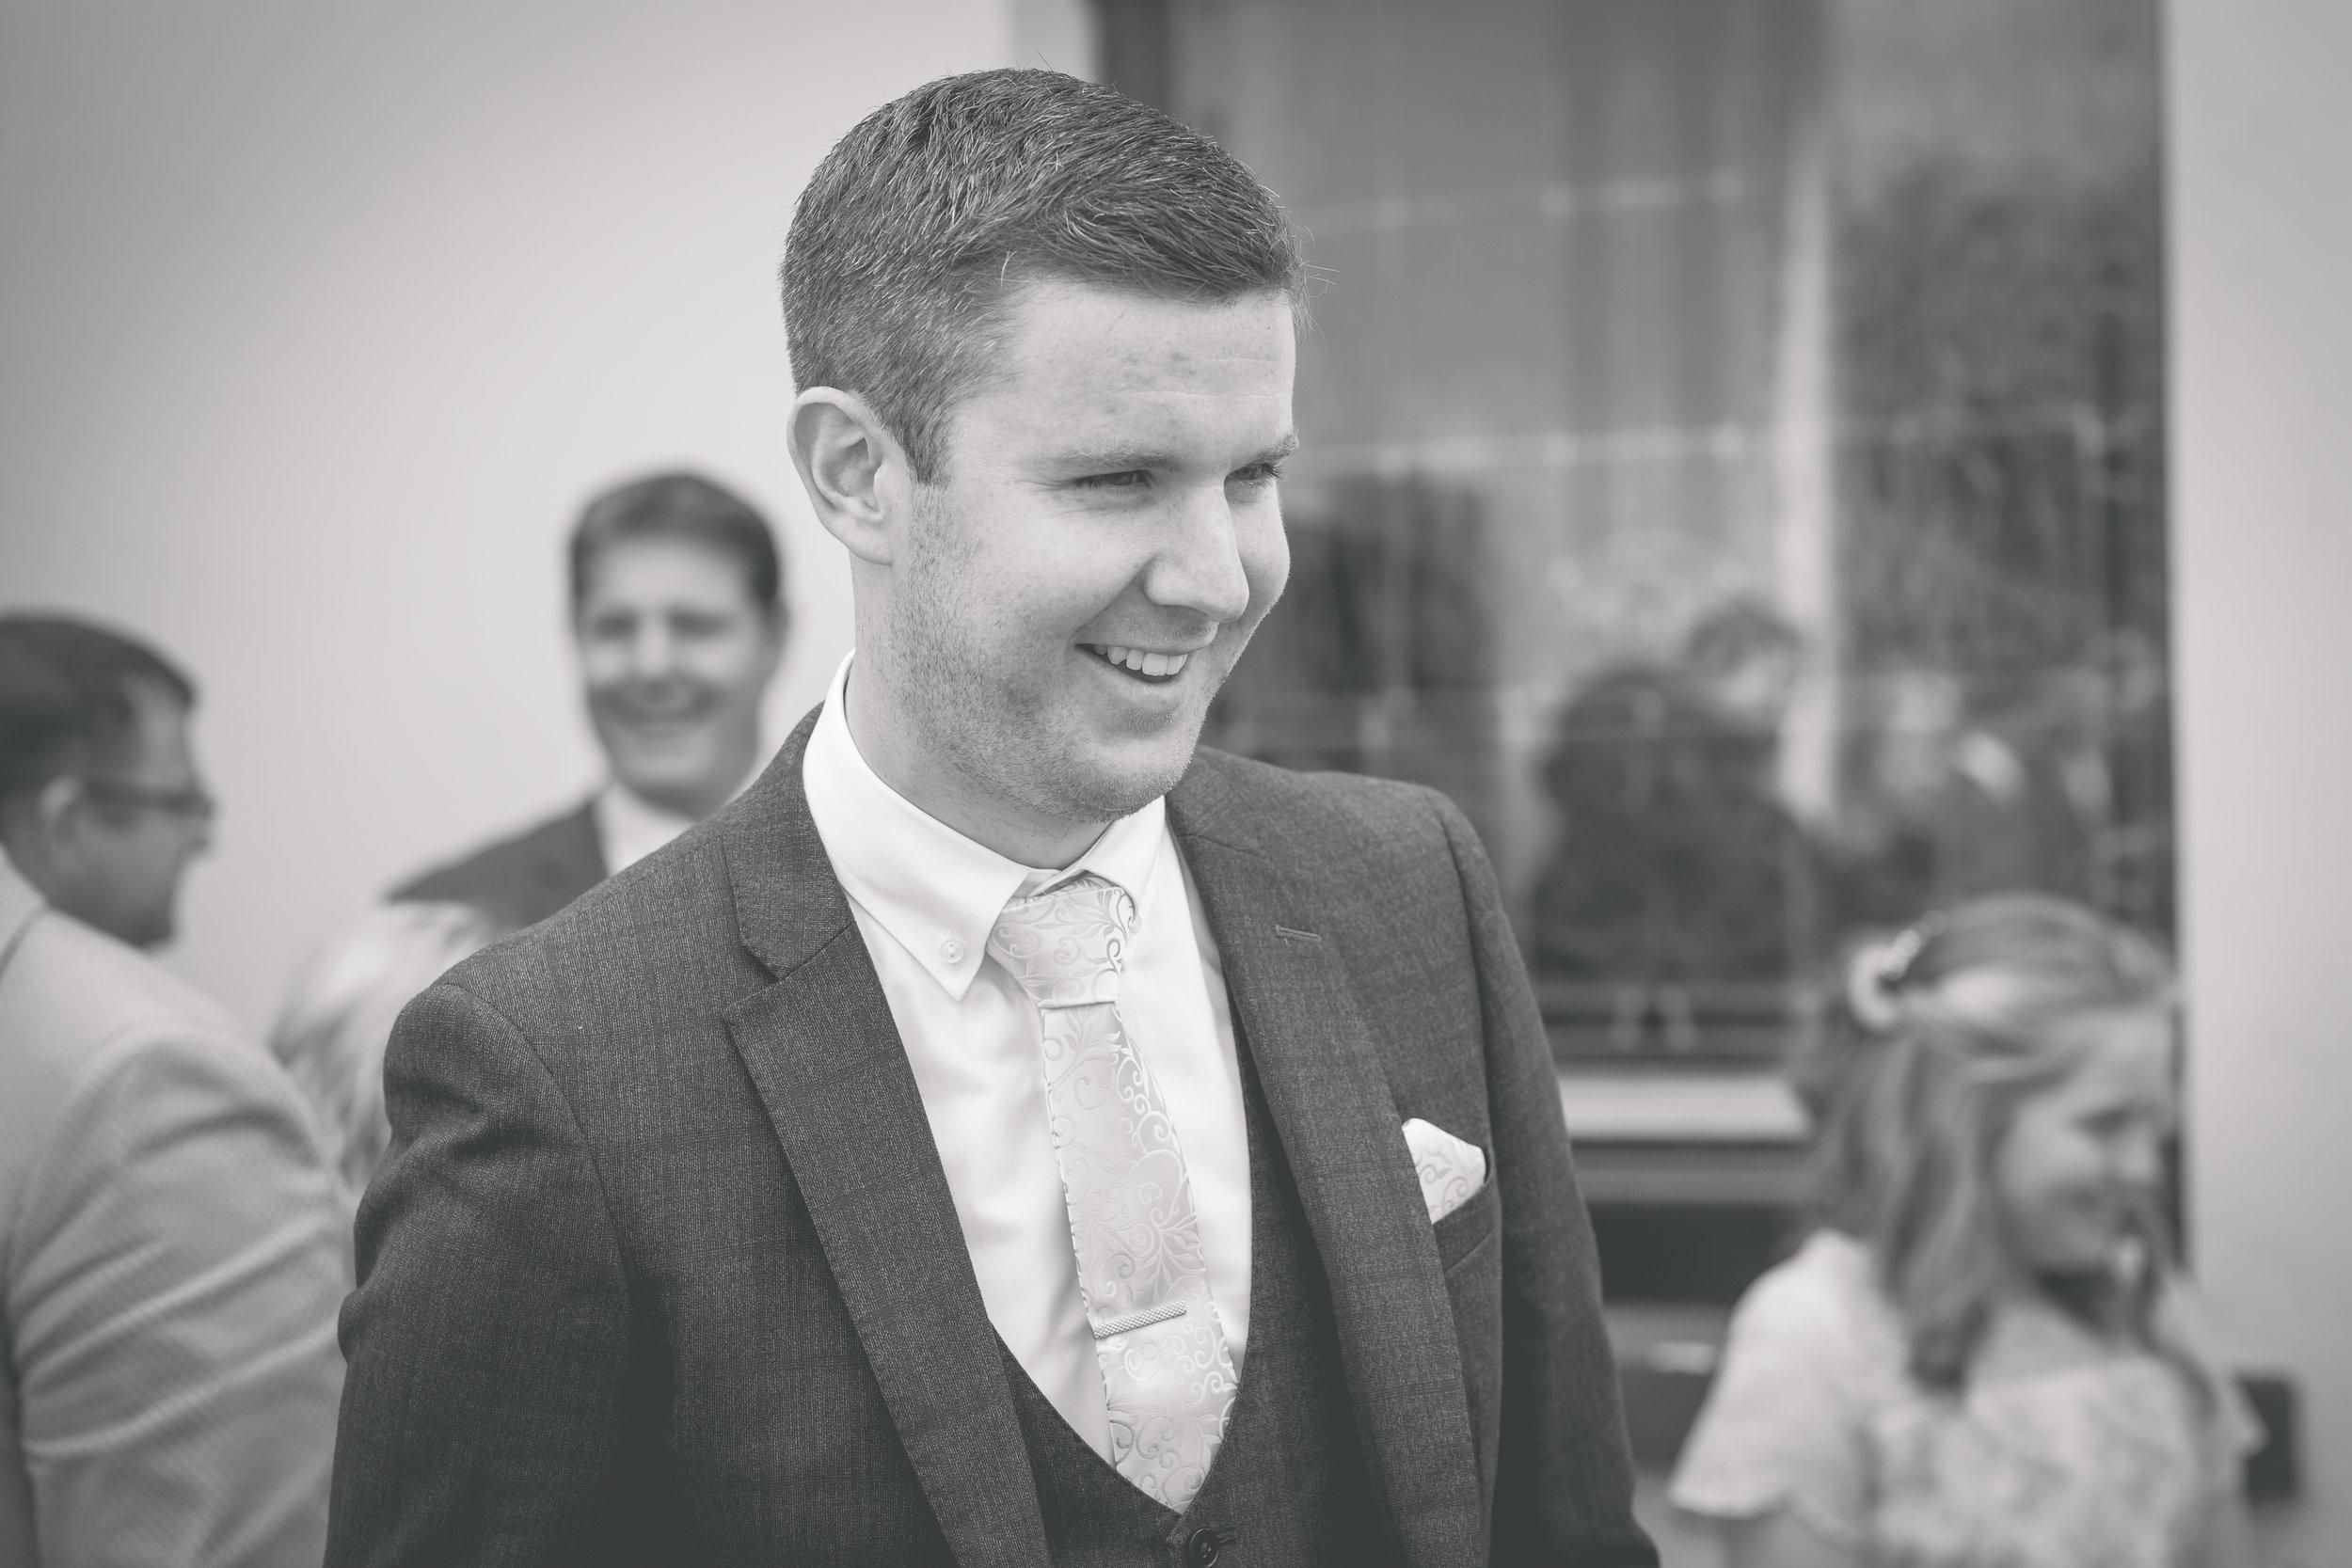 Brian McEwan Wedding Photography   Carol-Anne & Sean   The Ceremony-110.jpg